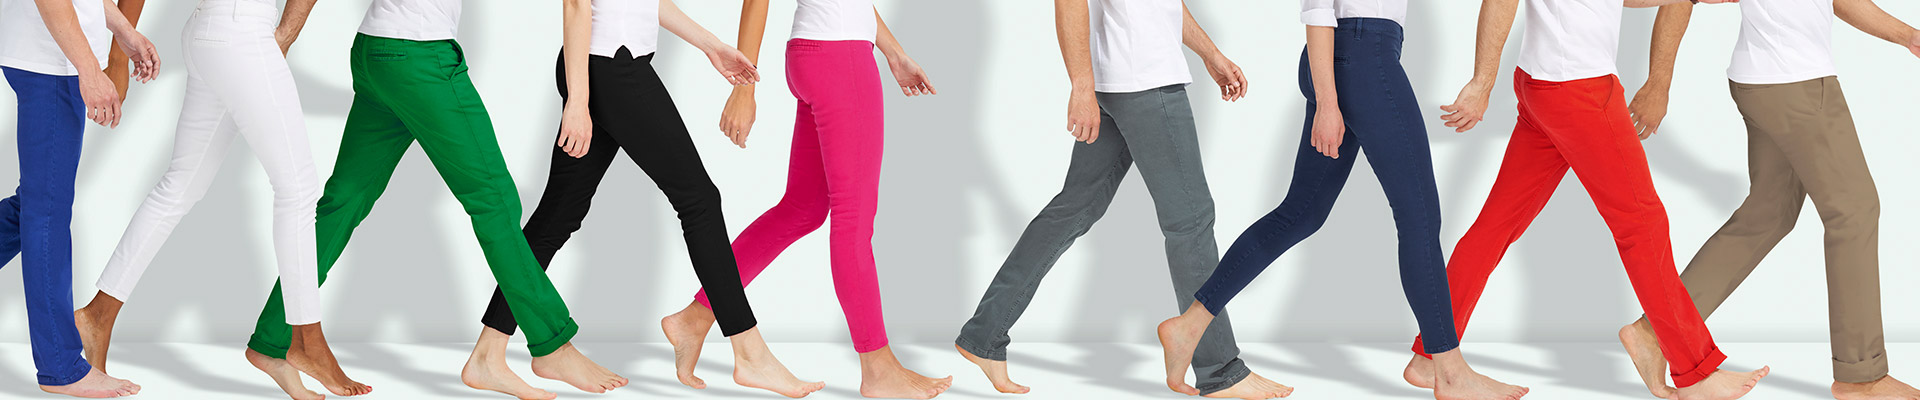 Pantaloni, bermuda e pantaloncini